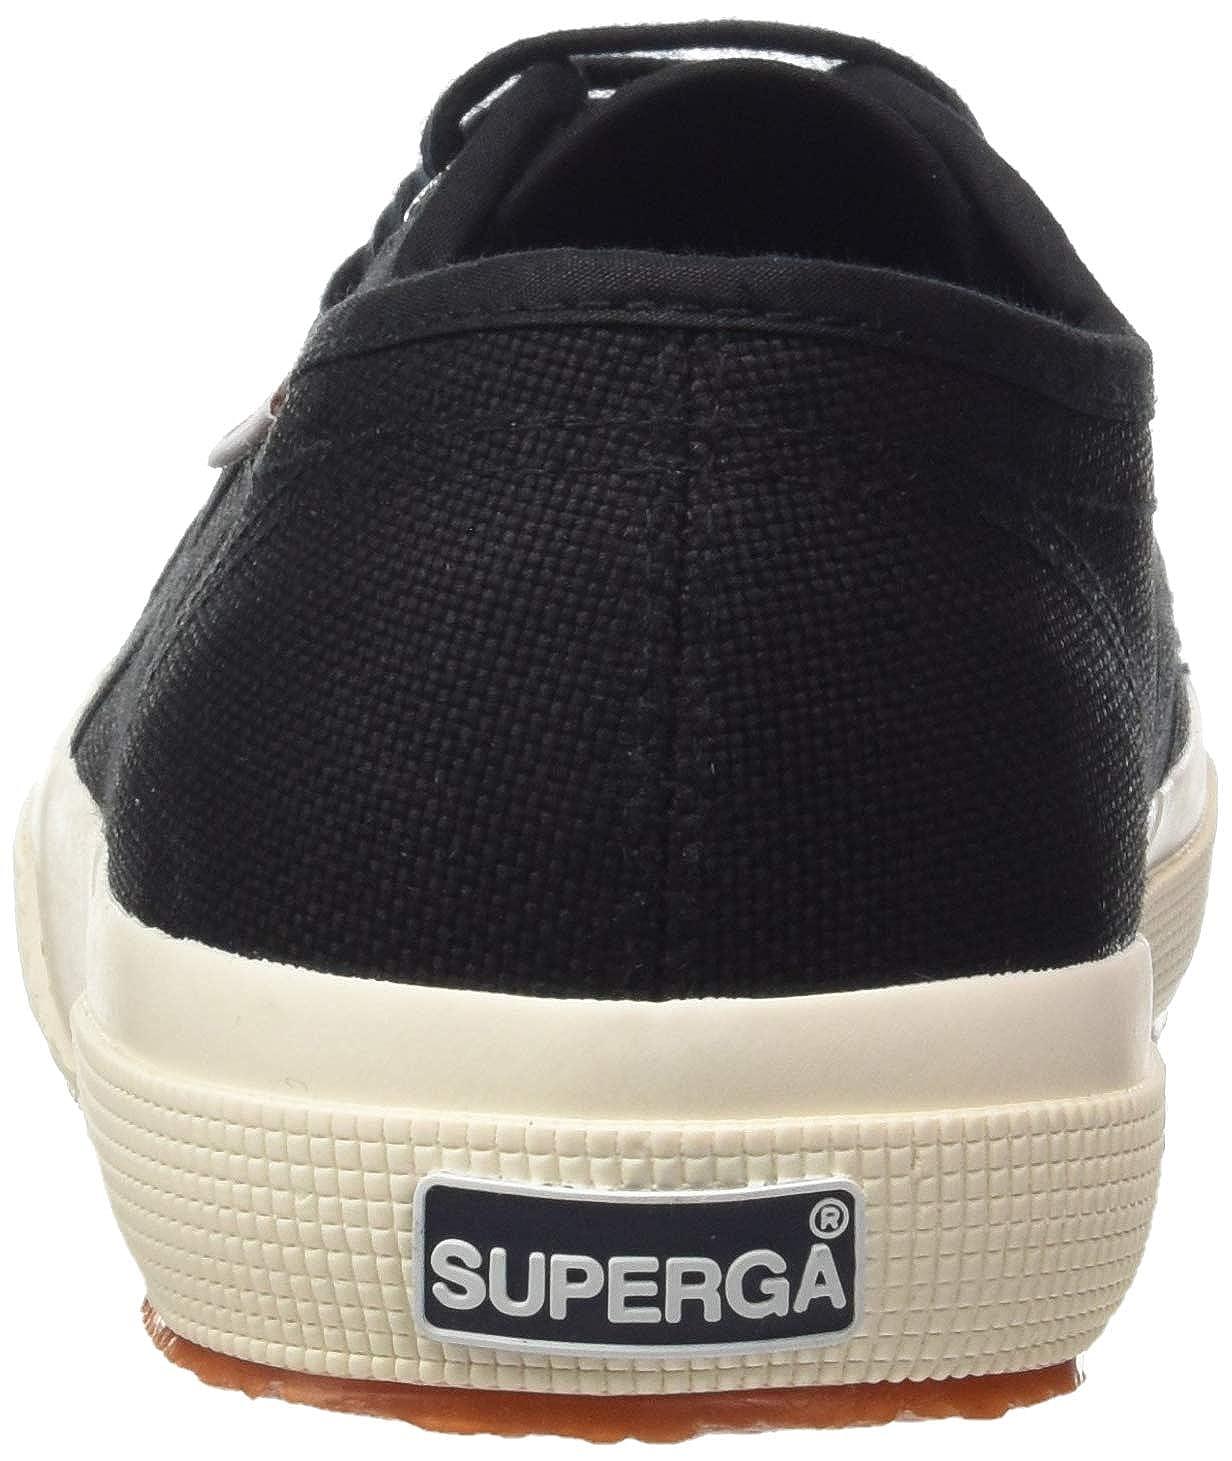 85af717f92f Superga 2750 Cotu Classic Zapatillas, Unisex Adulto: Superga: Amazon.es:  Zapatos y complementos